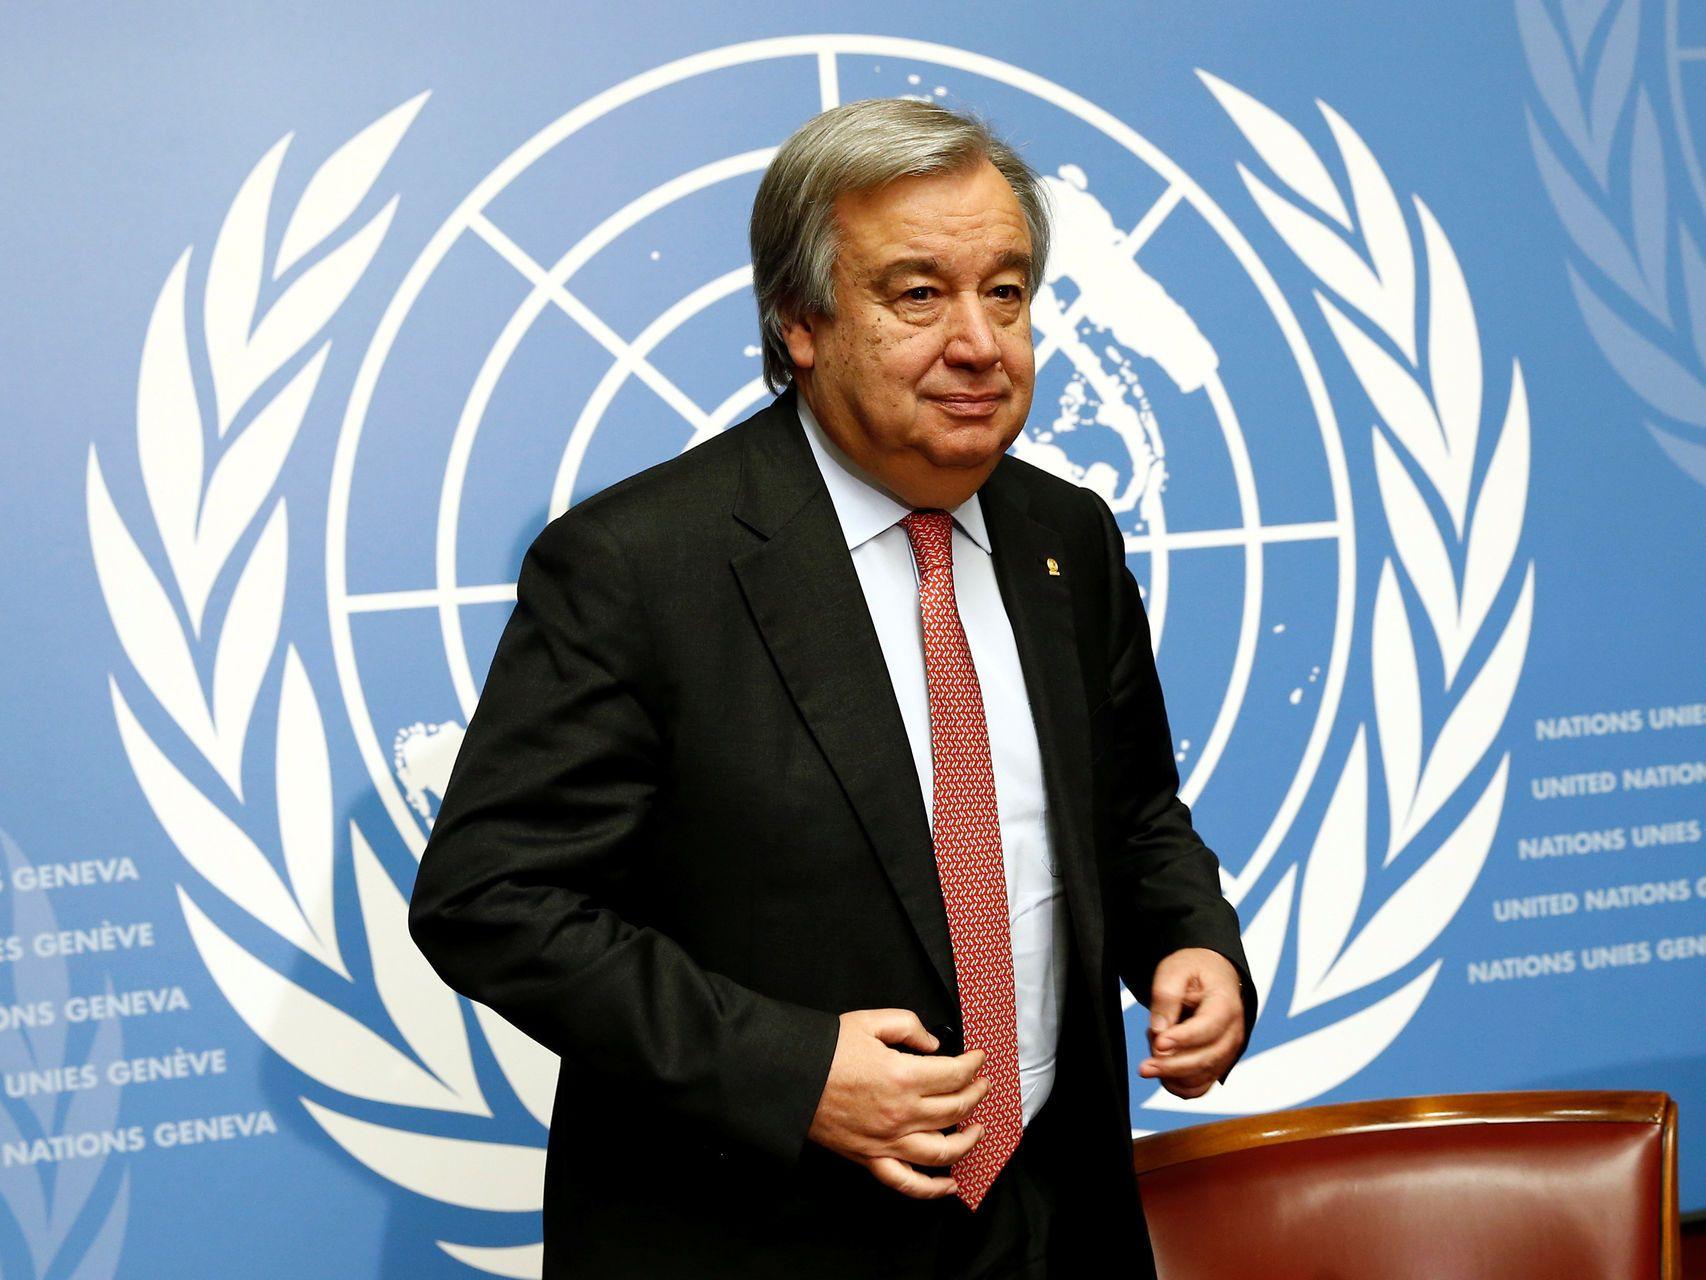 António Guterres estará al frente de la ONU por los próximos cinco años